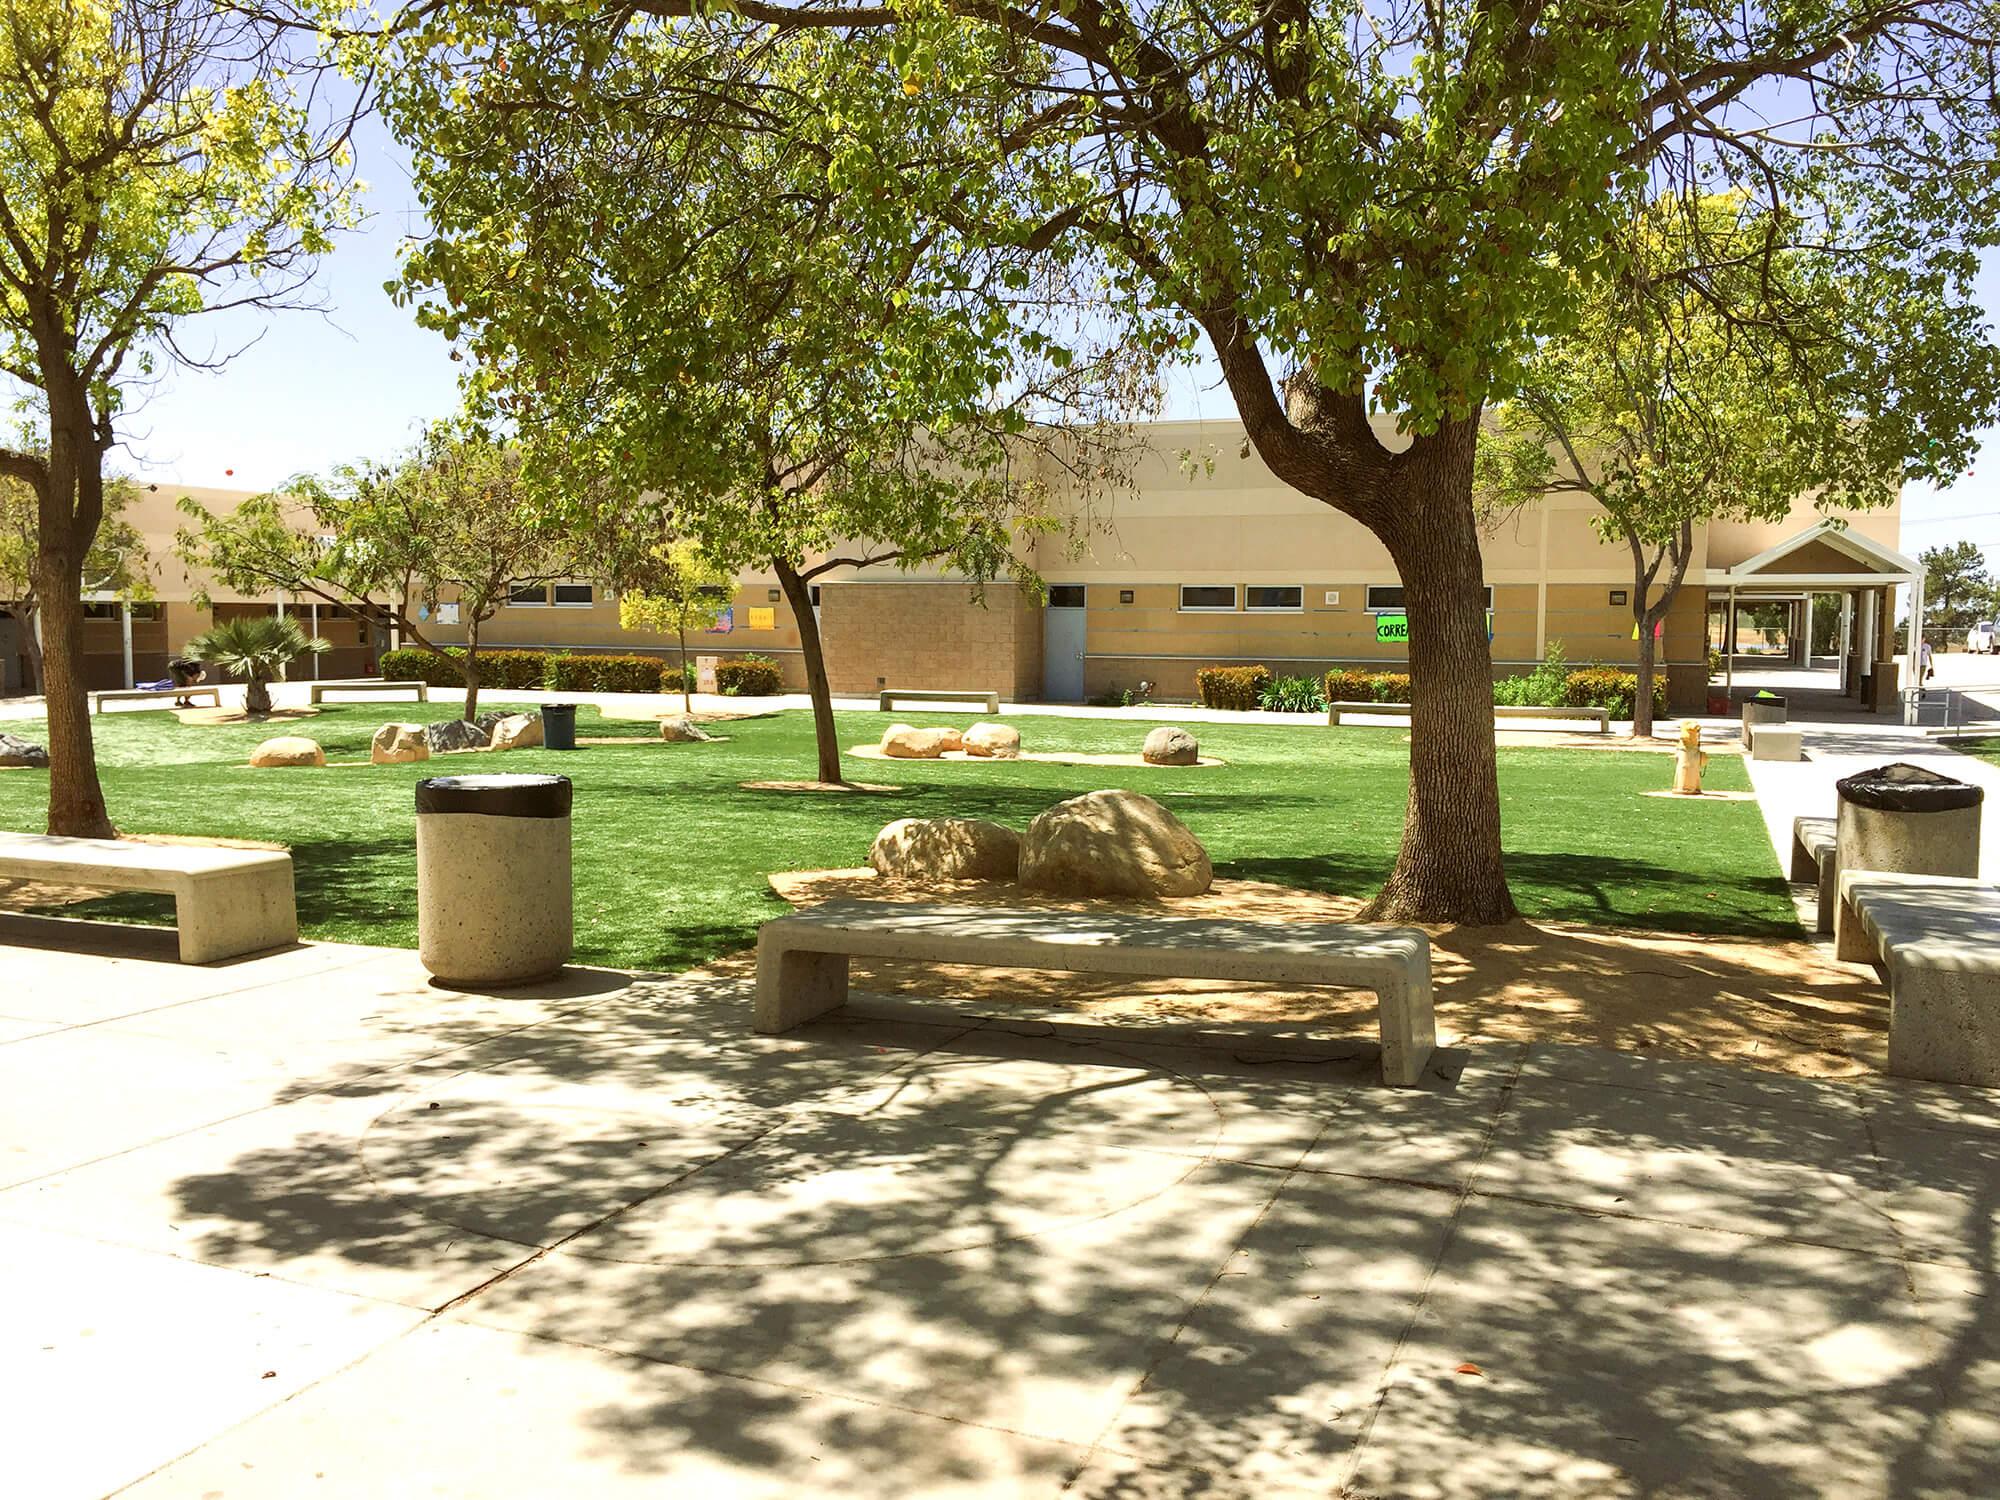 EastLake Highschool common area with turf